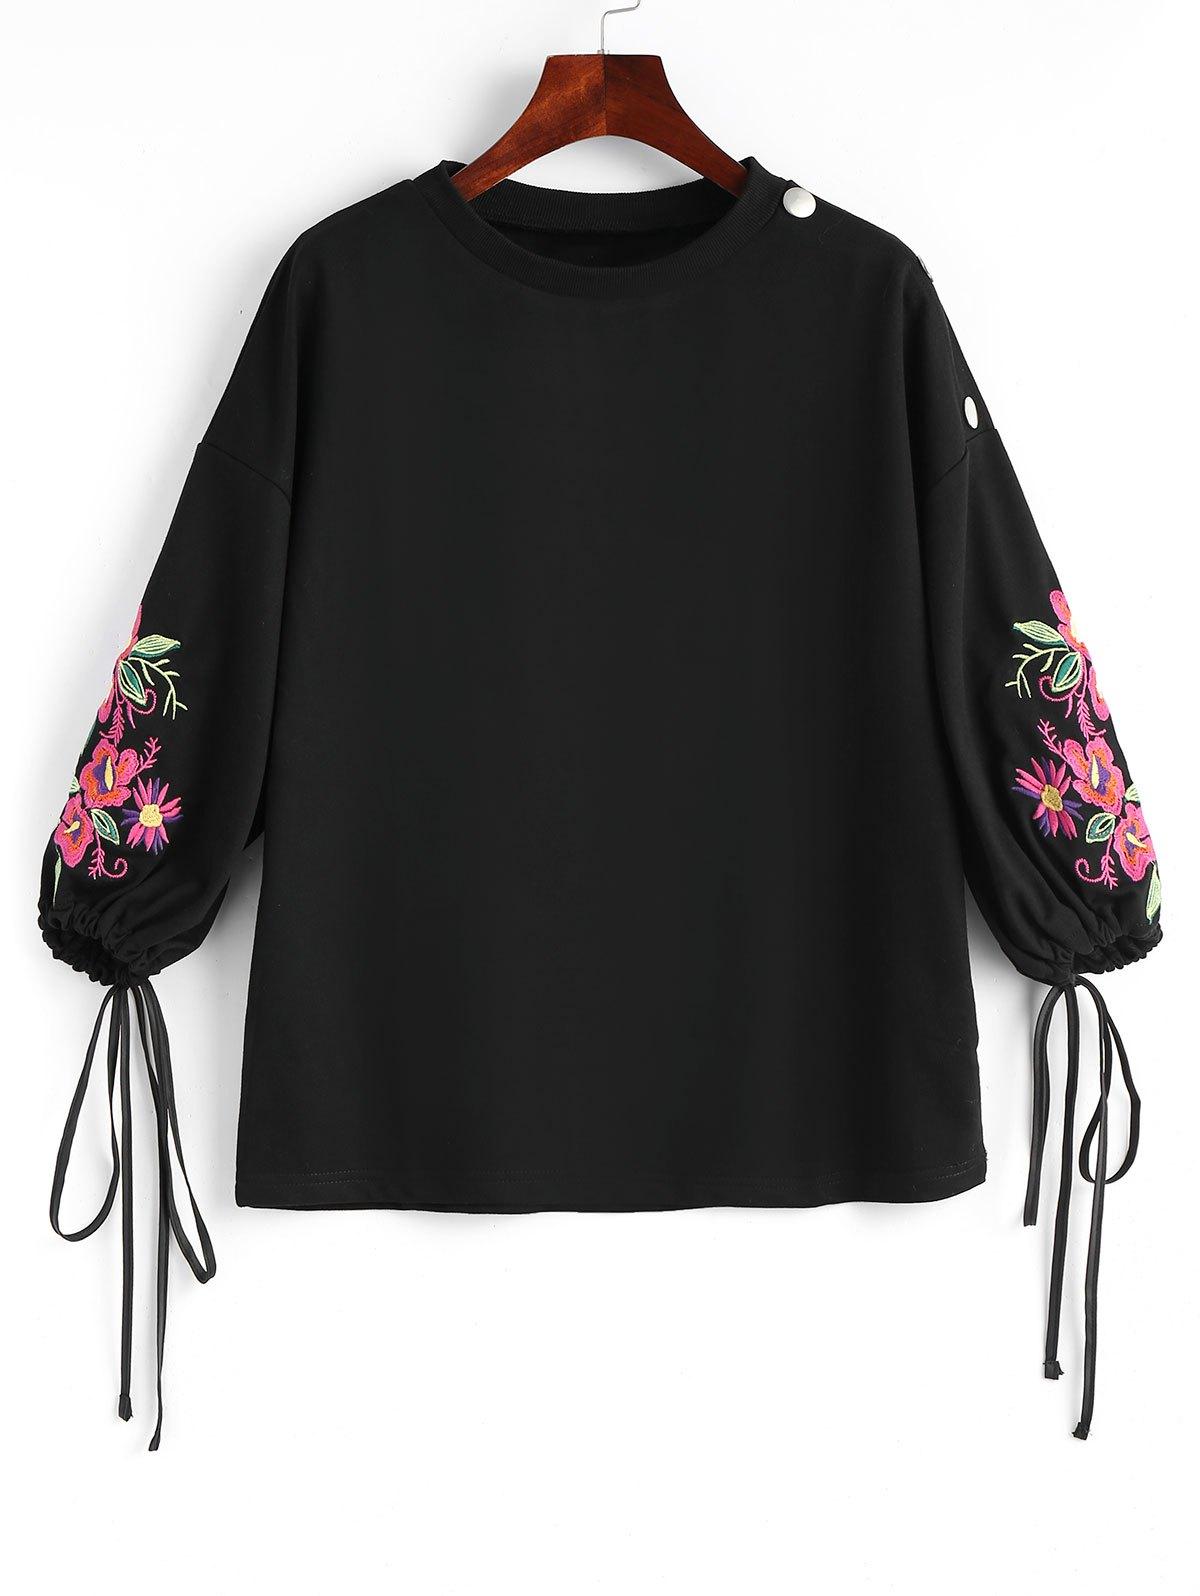 Kordelzug rmel Floral bestickte Bluse